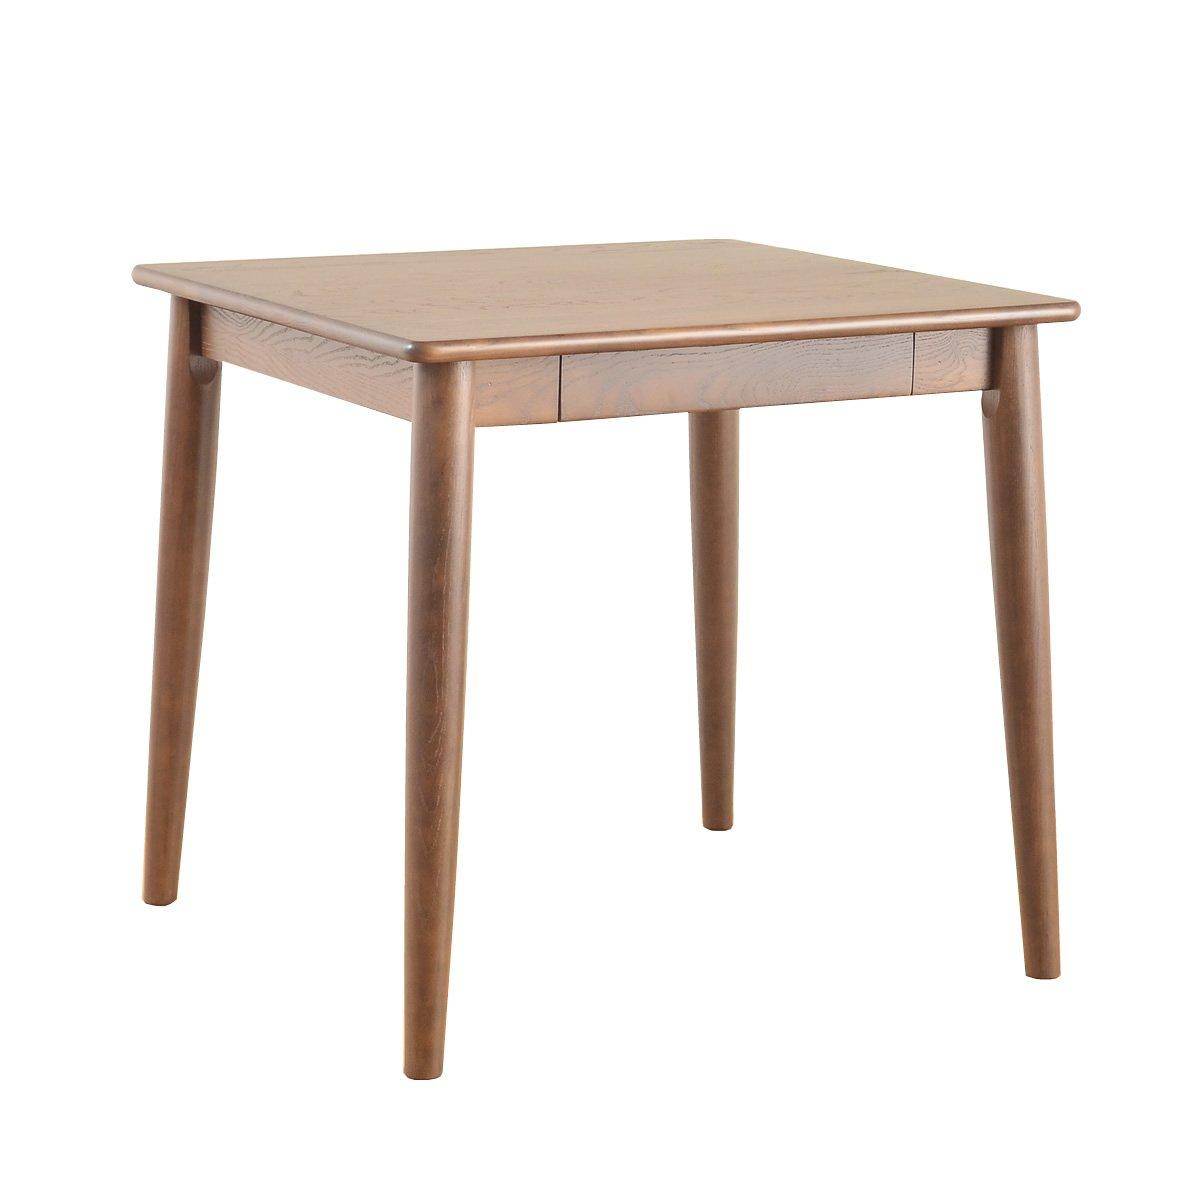 ブラウン/テーブル ダイニングテーブル ダイニング ナチュラル 北欧 シンプル おしゃれ モダン 無垢材 幅75 木製 木 ウッド リビングテーブル リビング B009YDN6TQブラウン